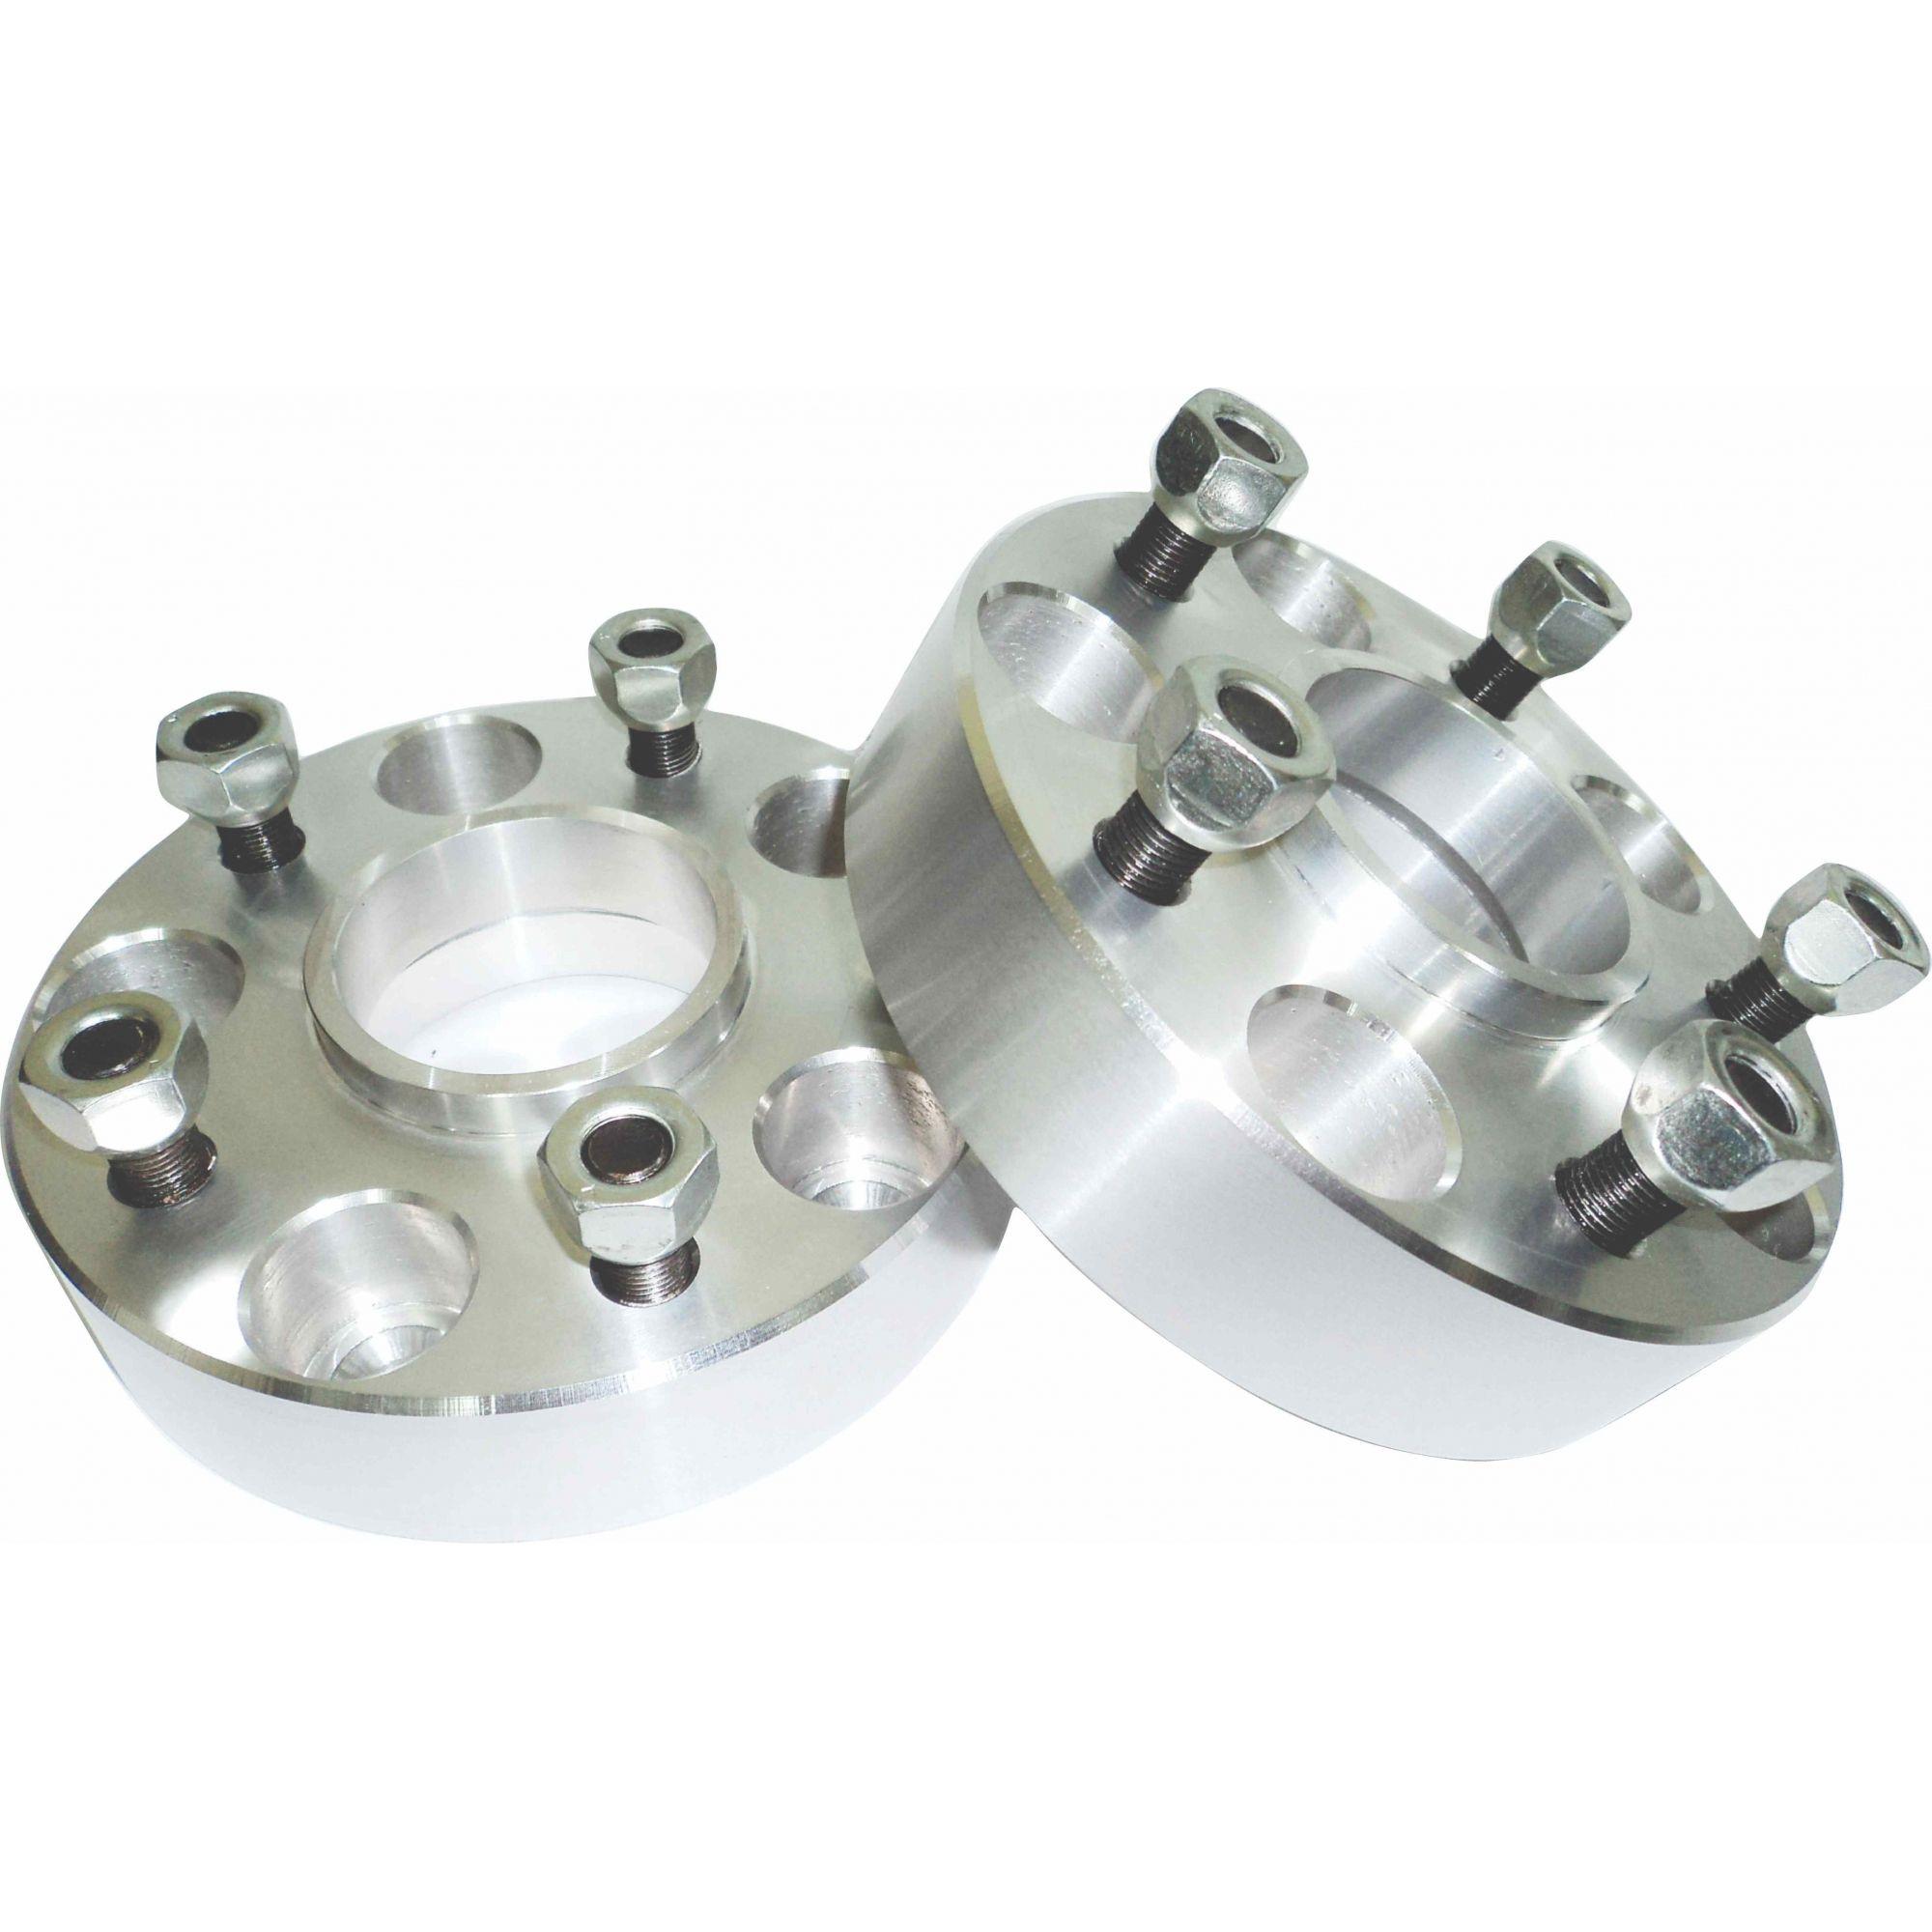 Espaçador / Alargador de Rodas para Toyota Hilux 4x2 5 Furos em Alumínio